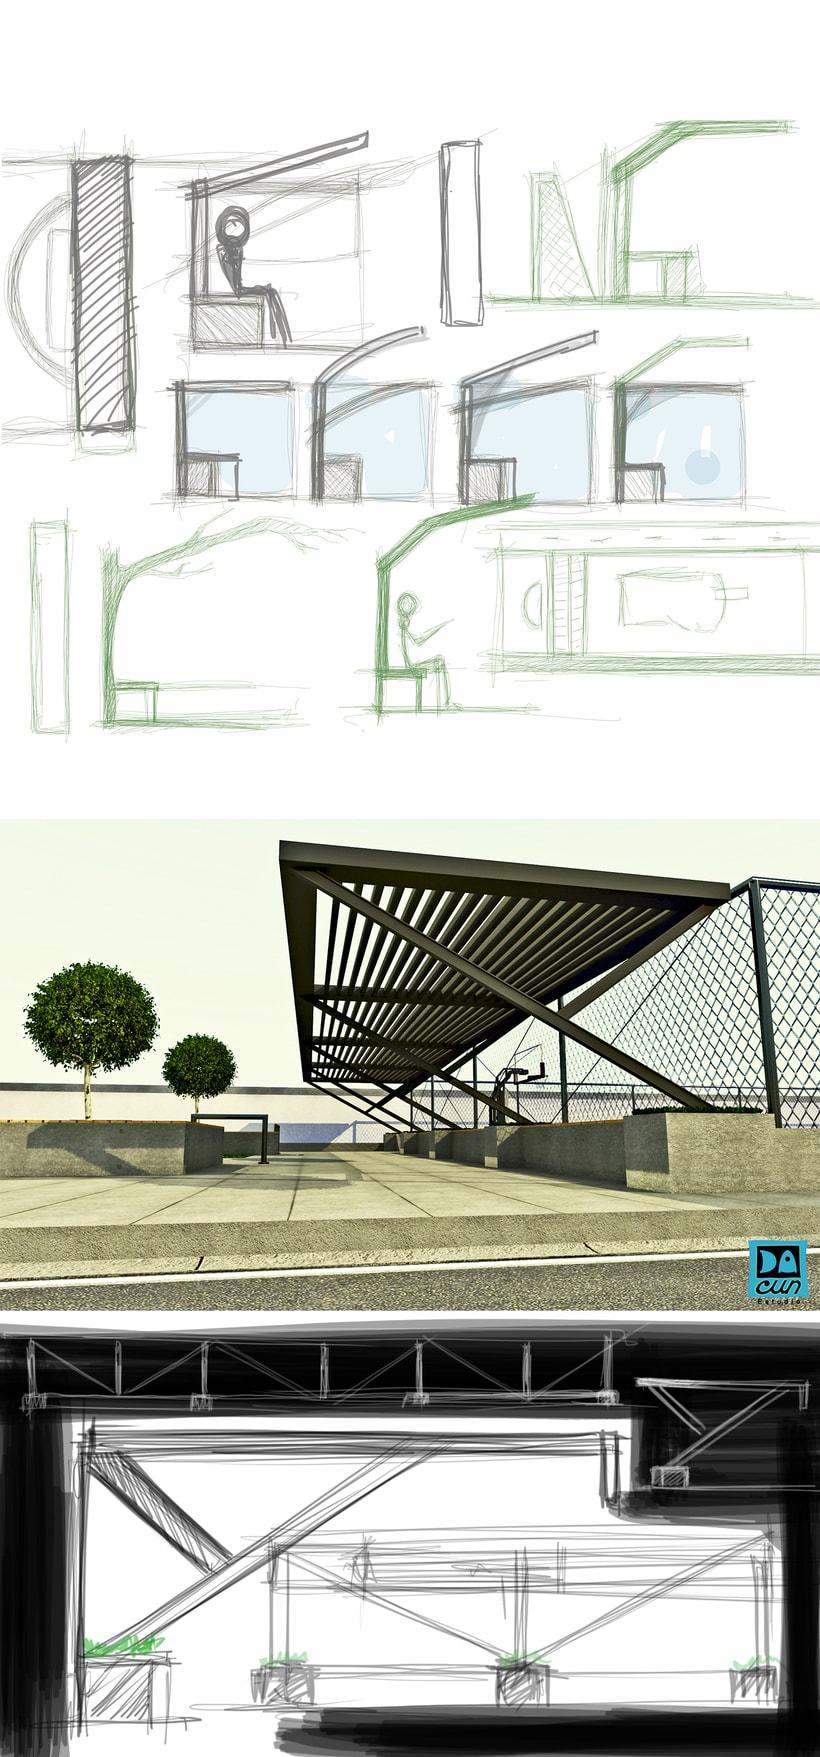 Proyecto de Urbanización Industrial  14